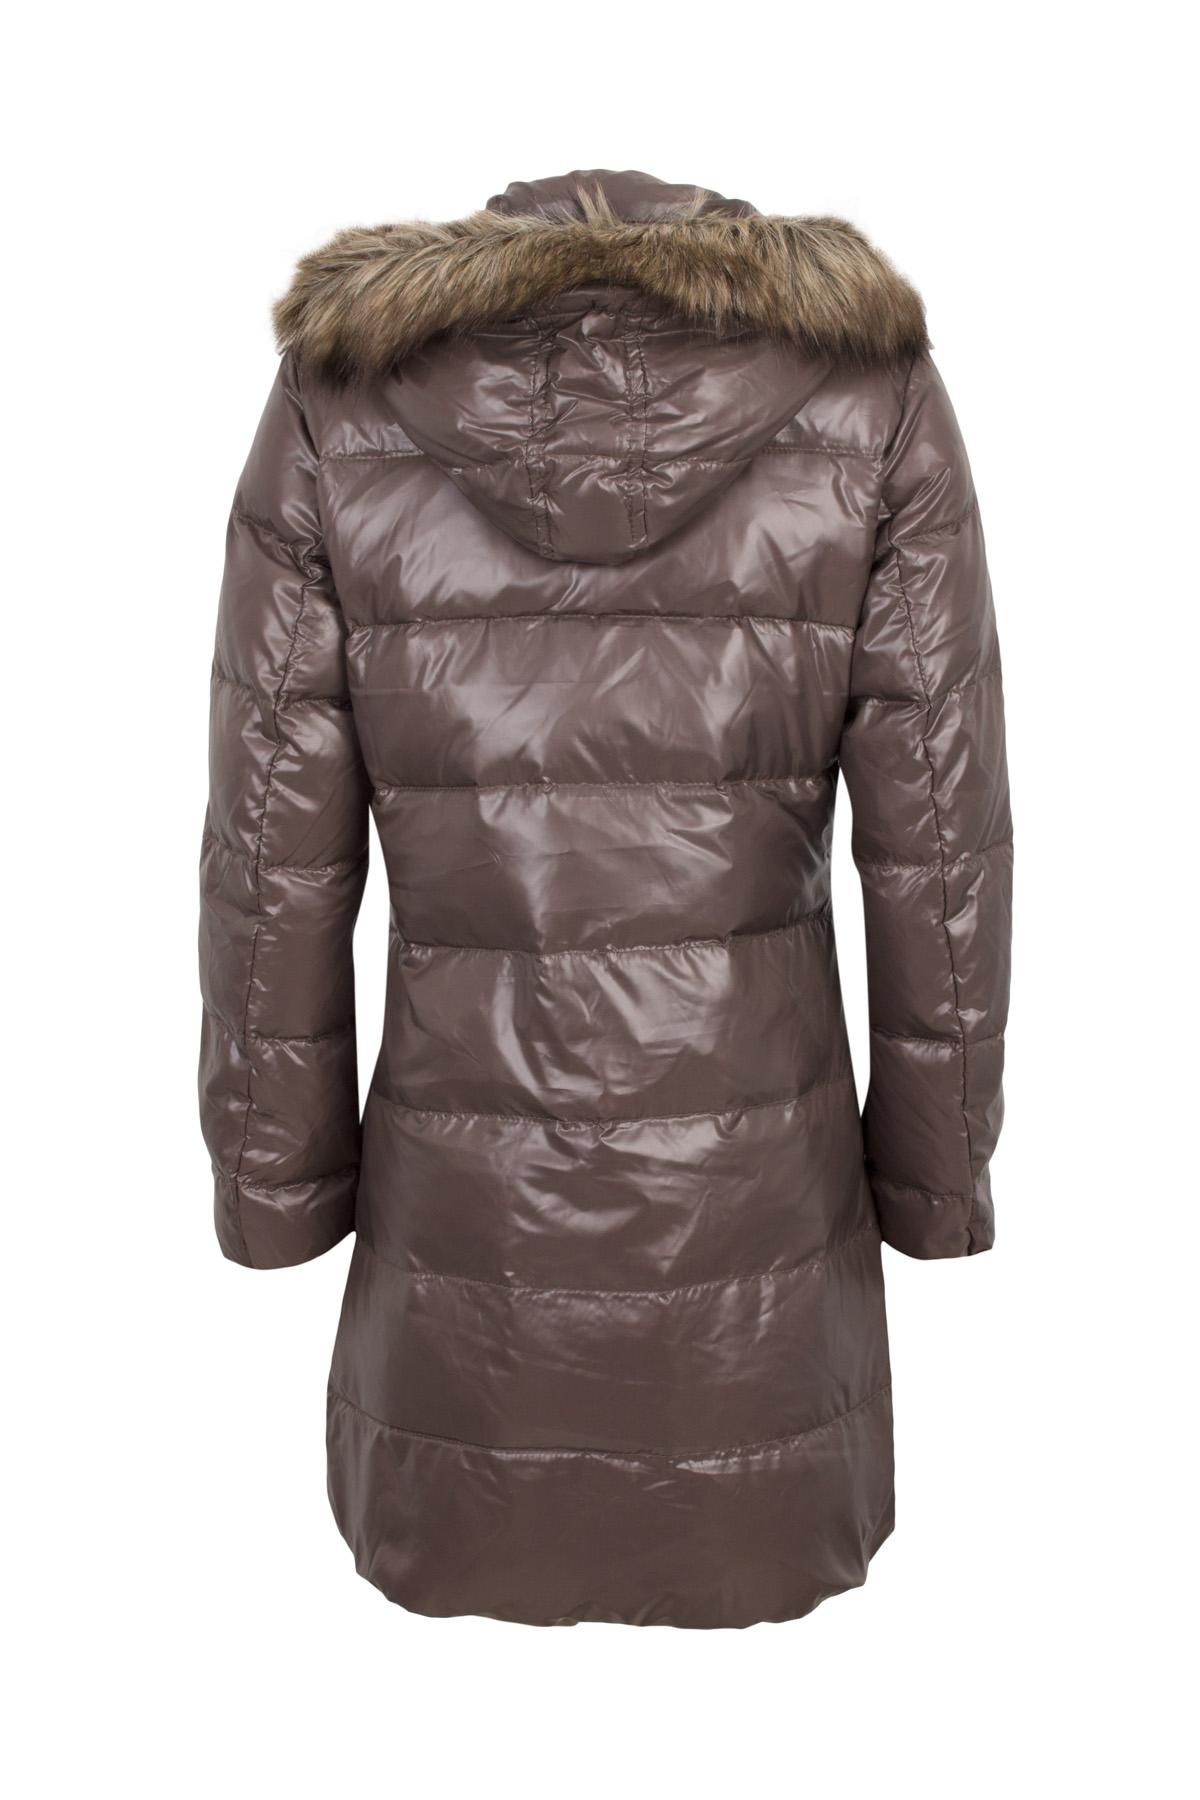 s oliver damen wintermantel mantel 7599 uvp 169 95 ebay. Black Bedroom Furniture Sets. Home Design Ideas